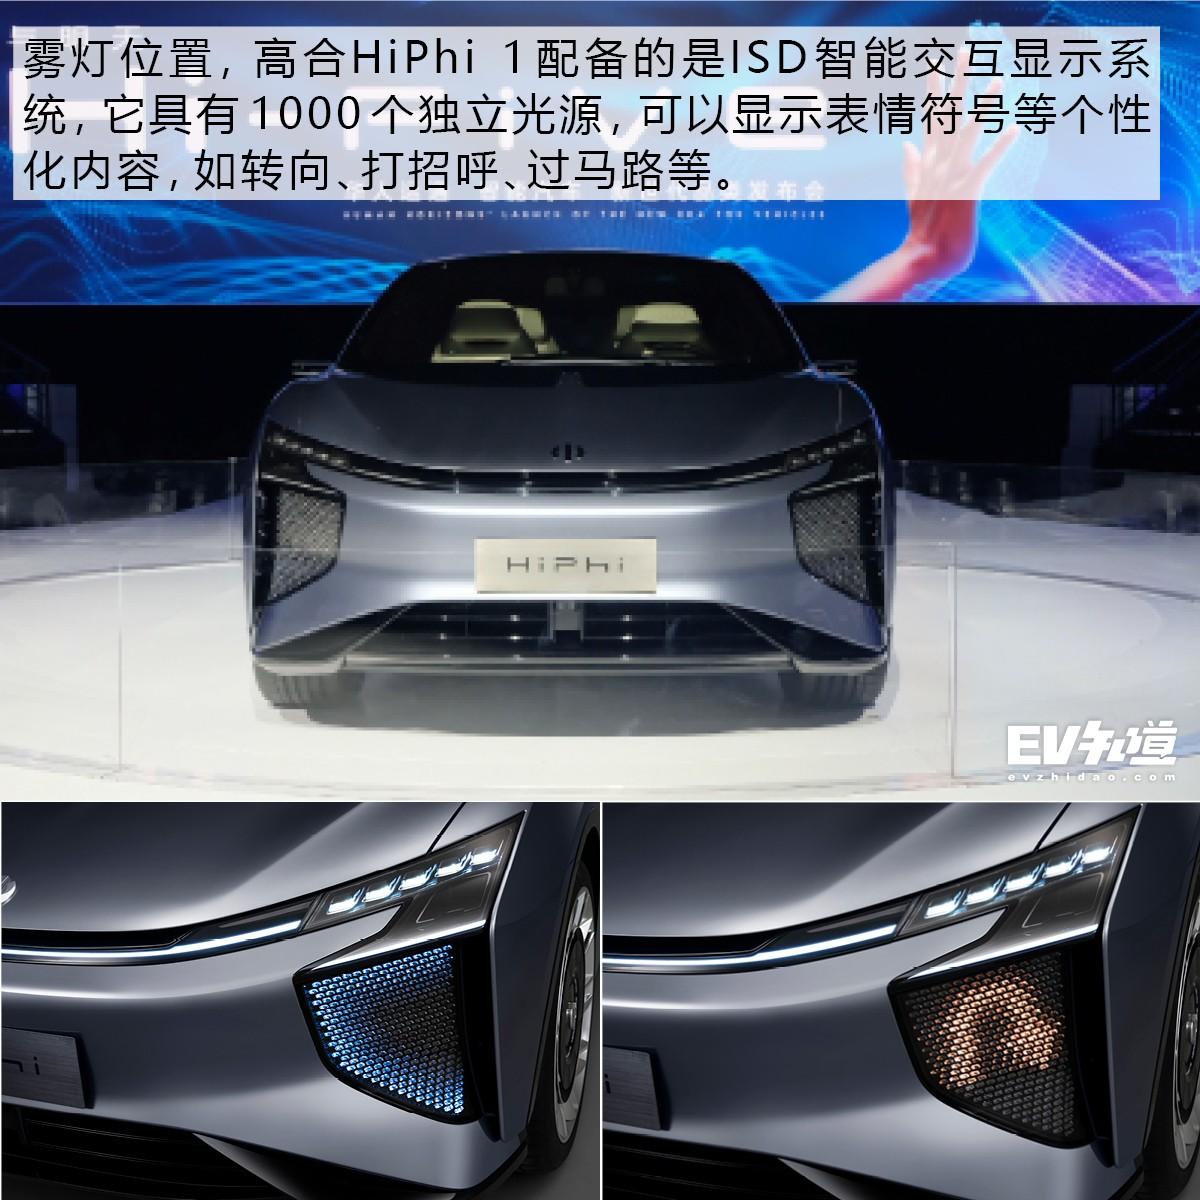 重新定义智能汽车 实拍高合HiPhi 1量产定型车